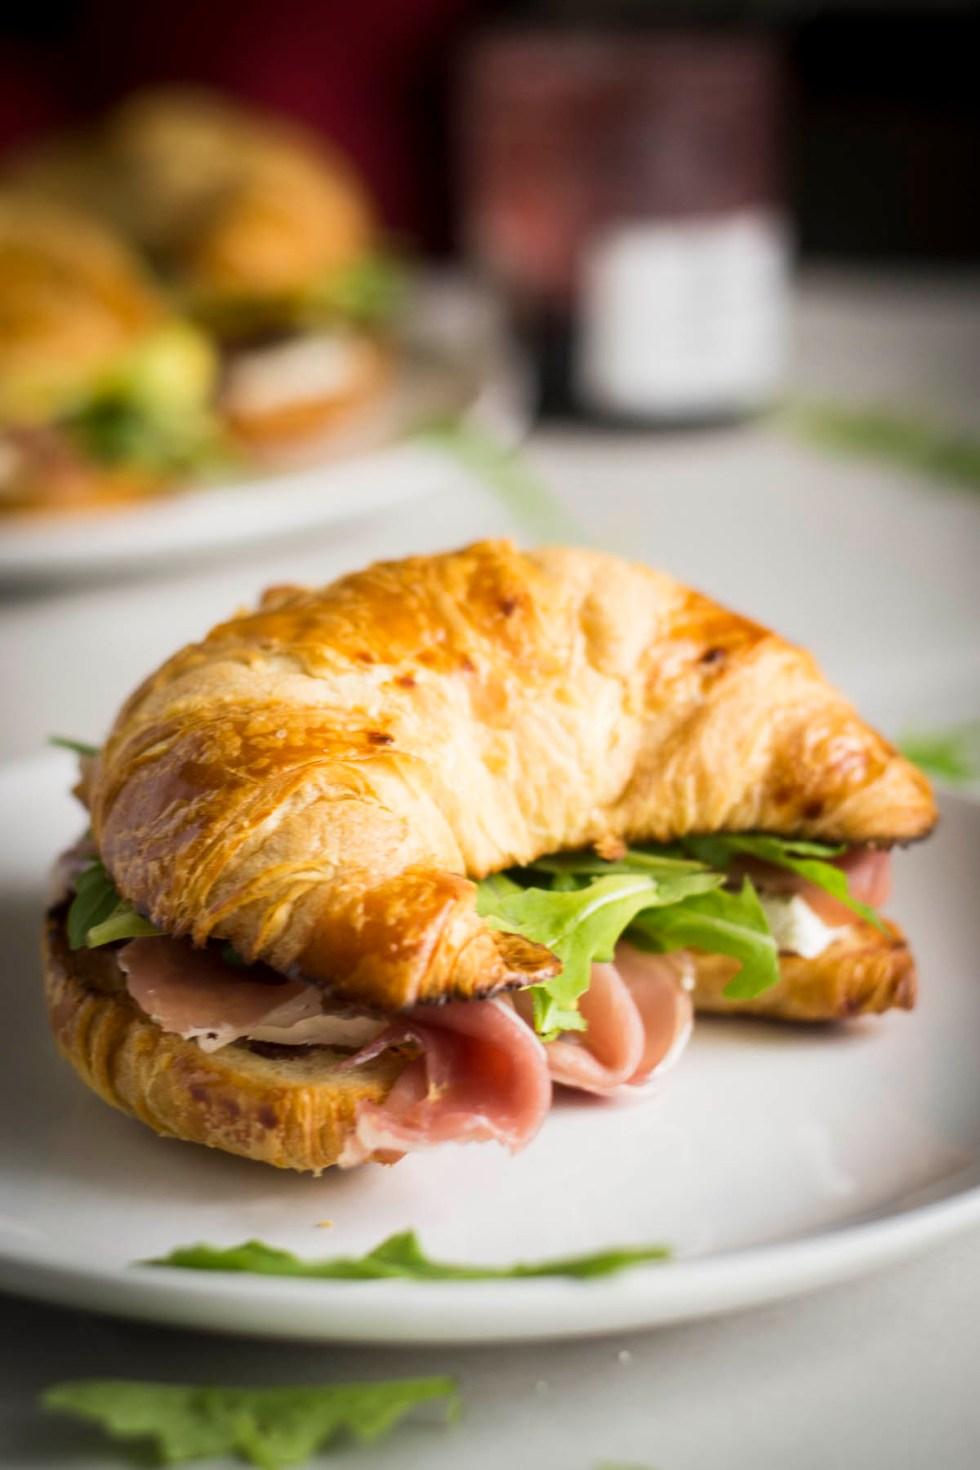 Croissant Breakfast sandwich on plate